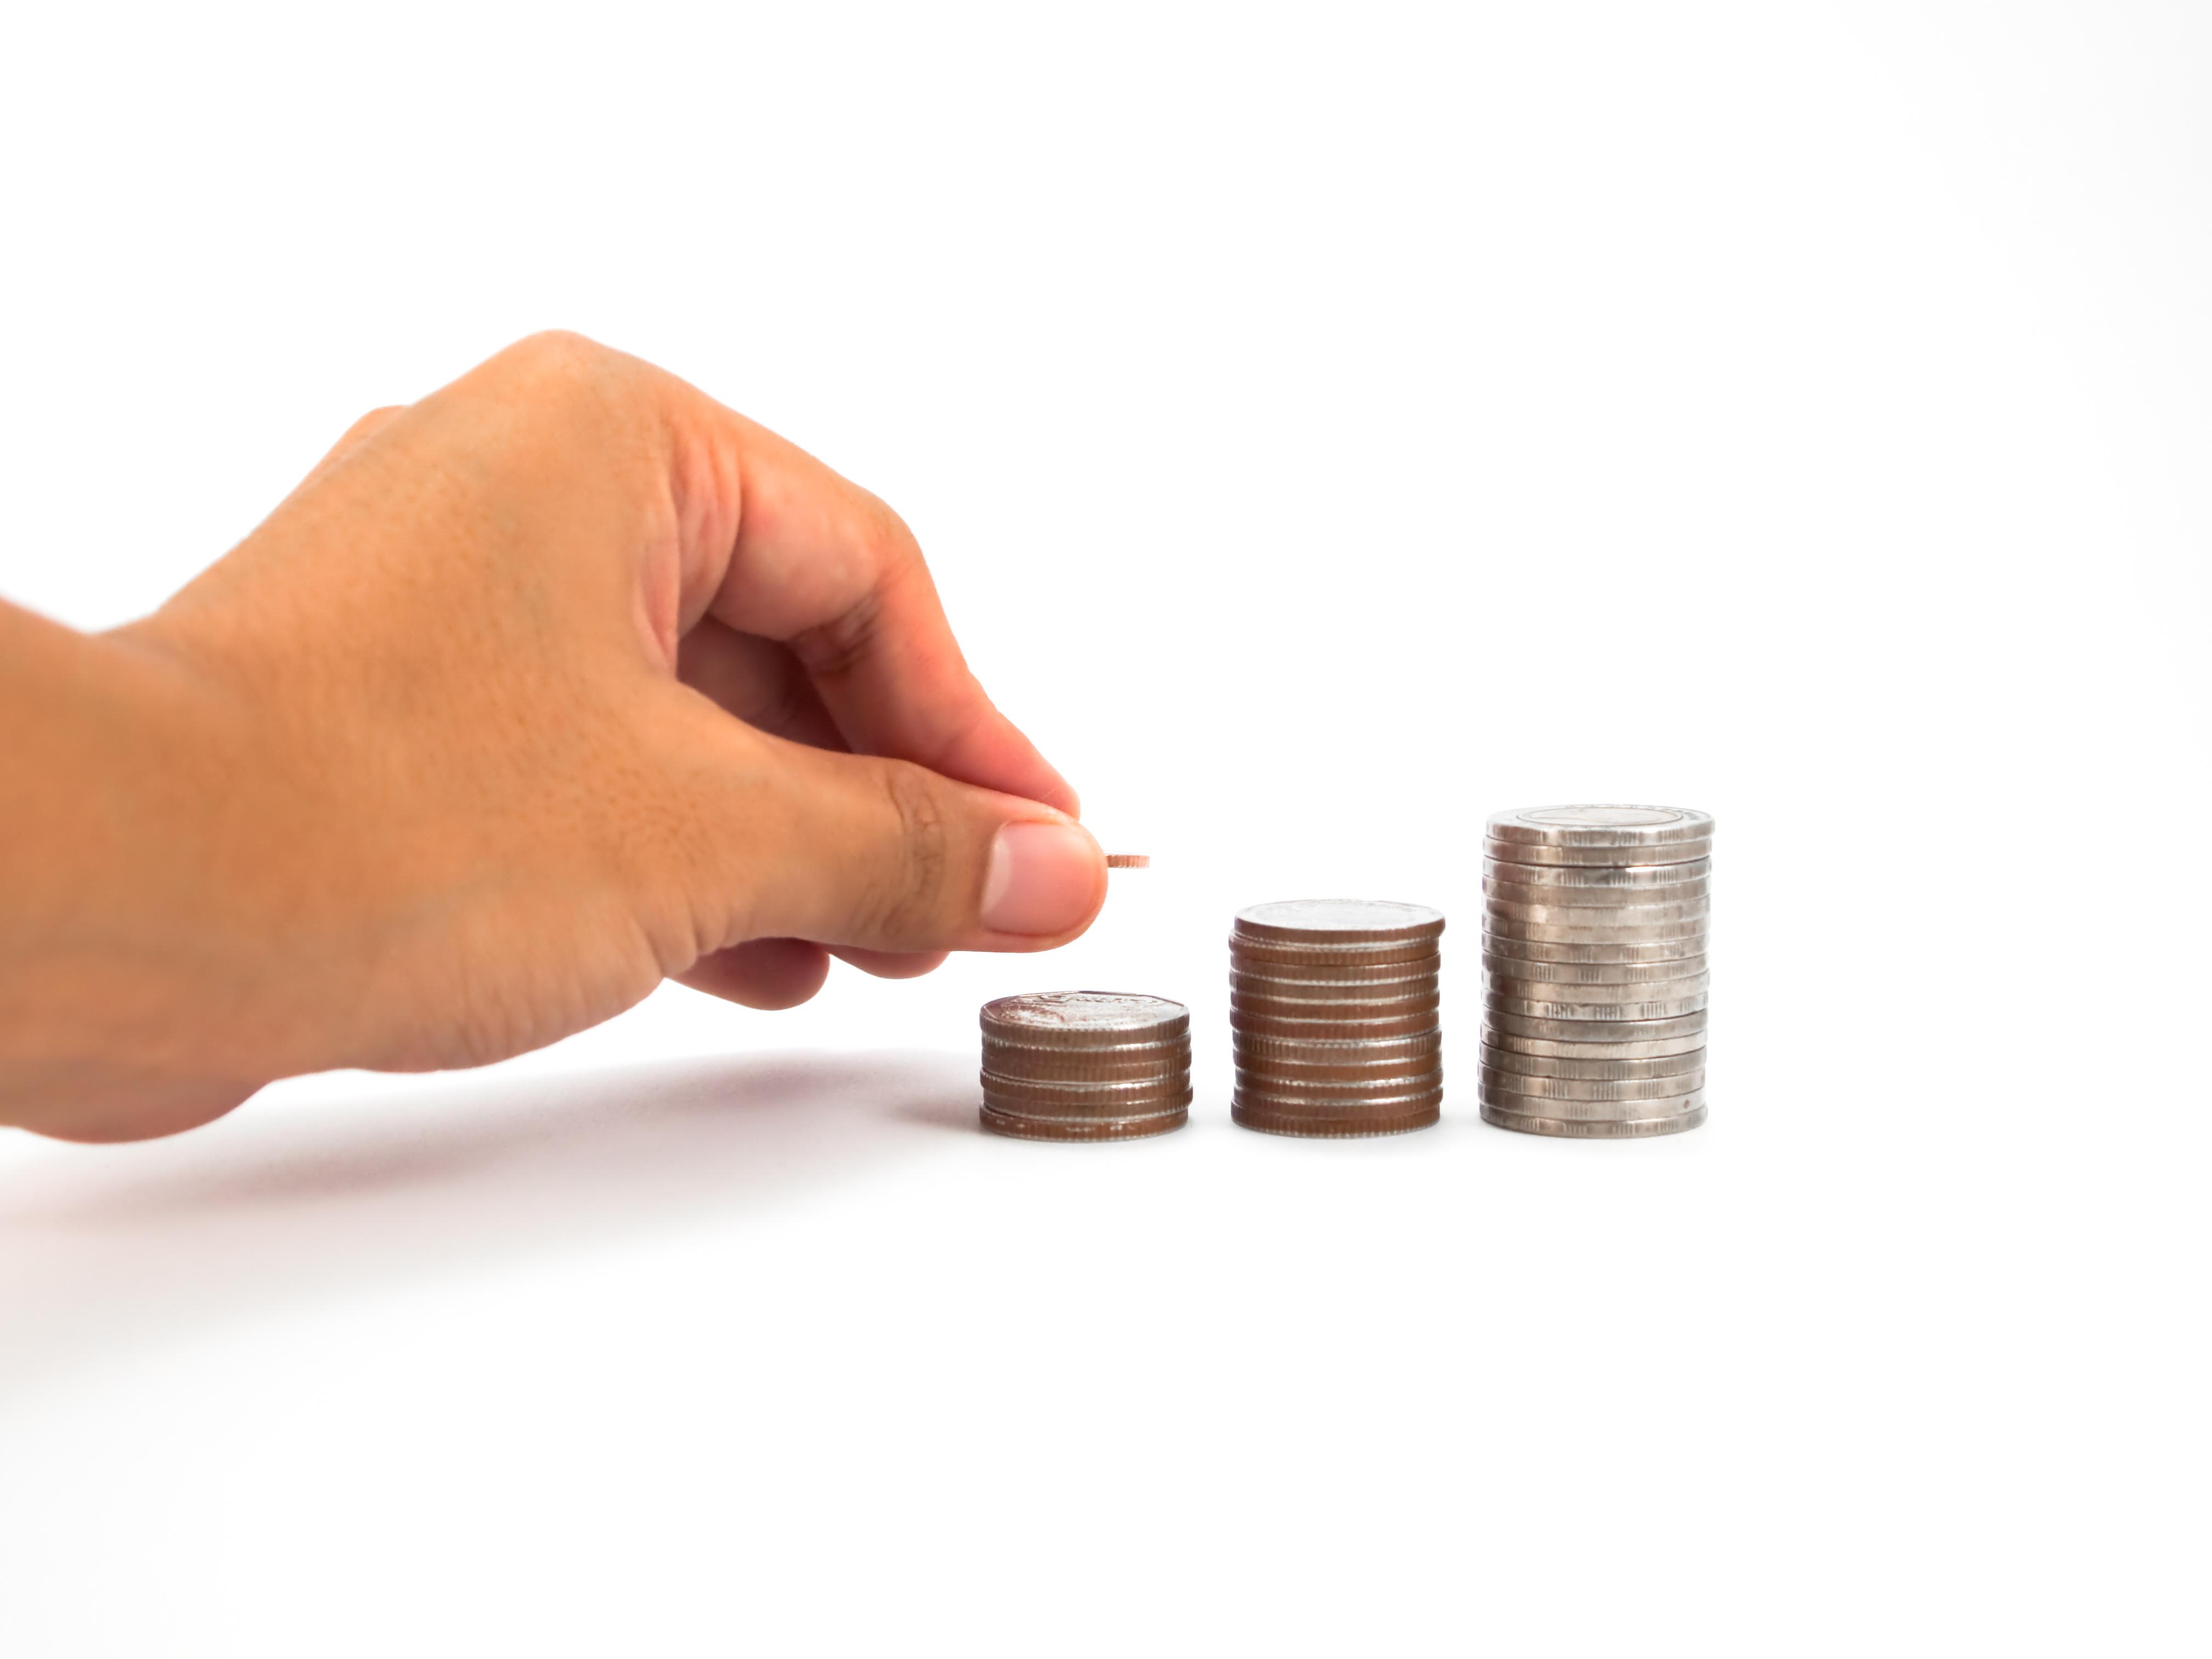 N'attendez plus pour réaliser votre investissement immobilier locatif ! Contactez votre conseiller 3H Conseils : 3hconseils@orange.fr & 03.26.24.37.40.